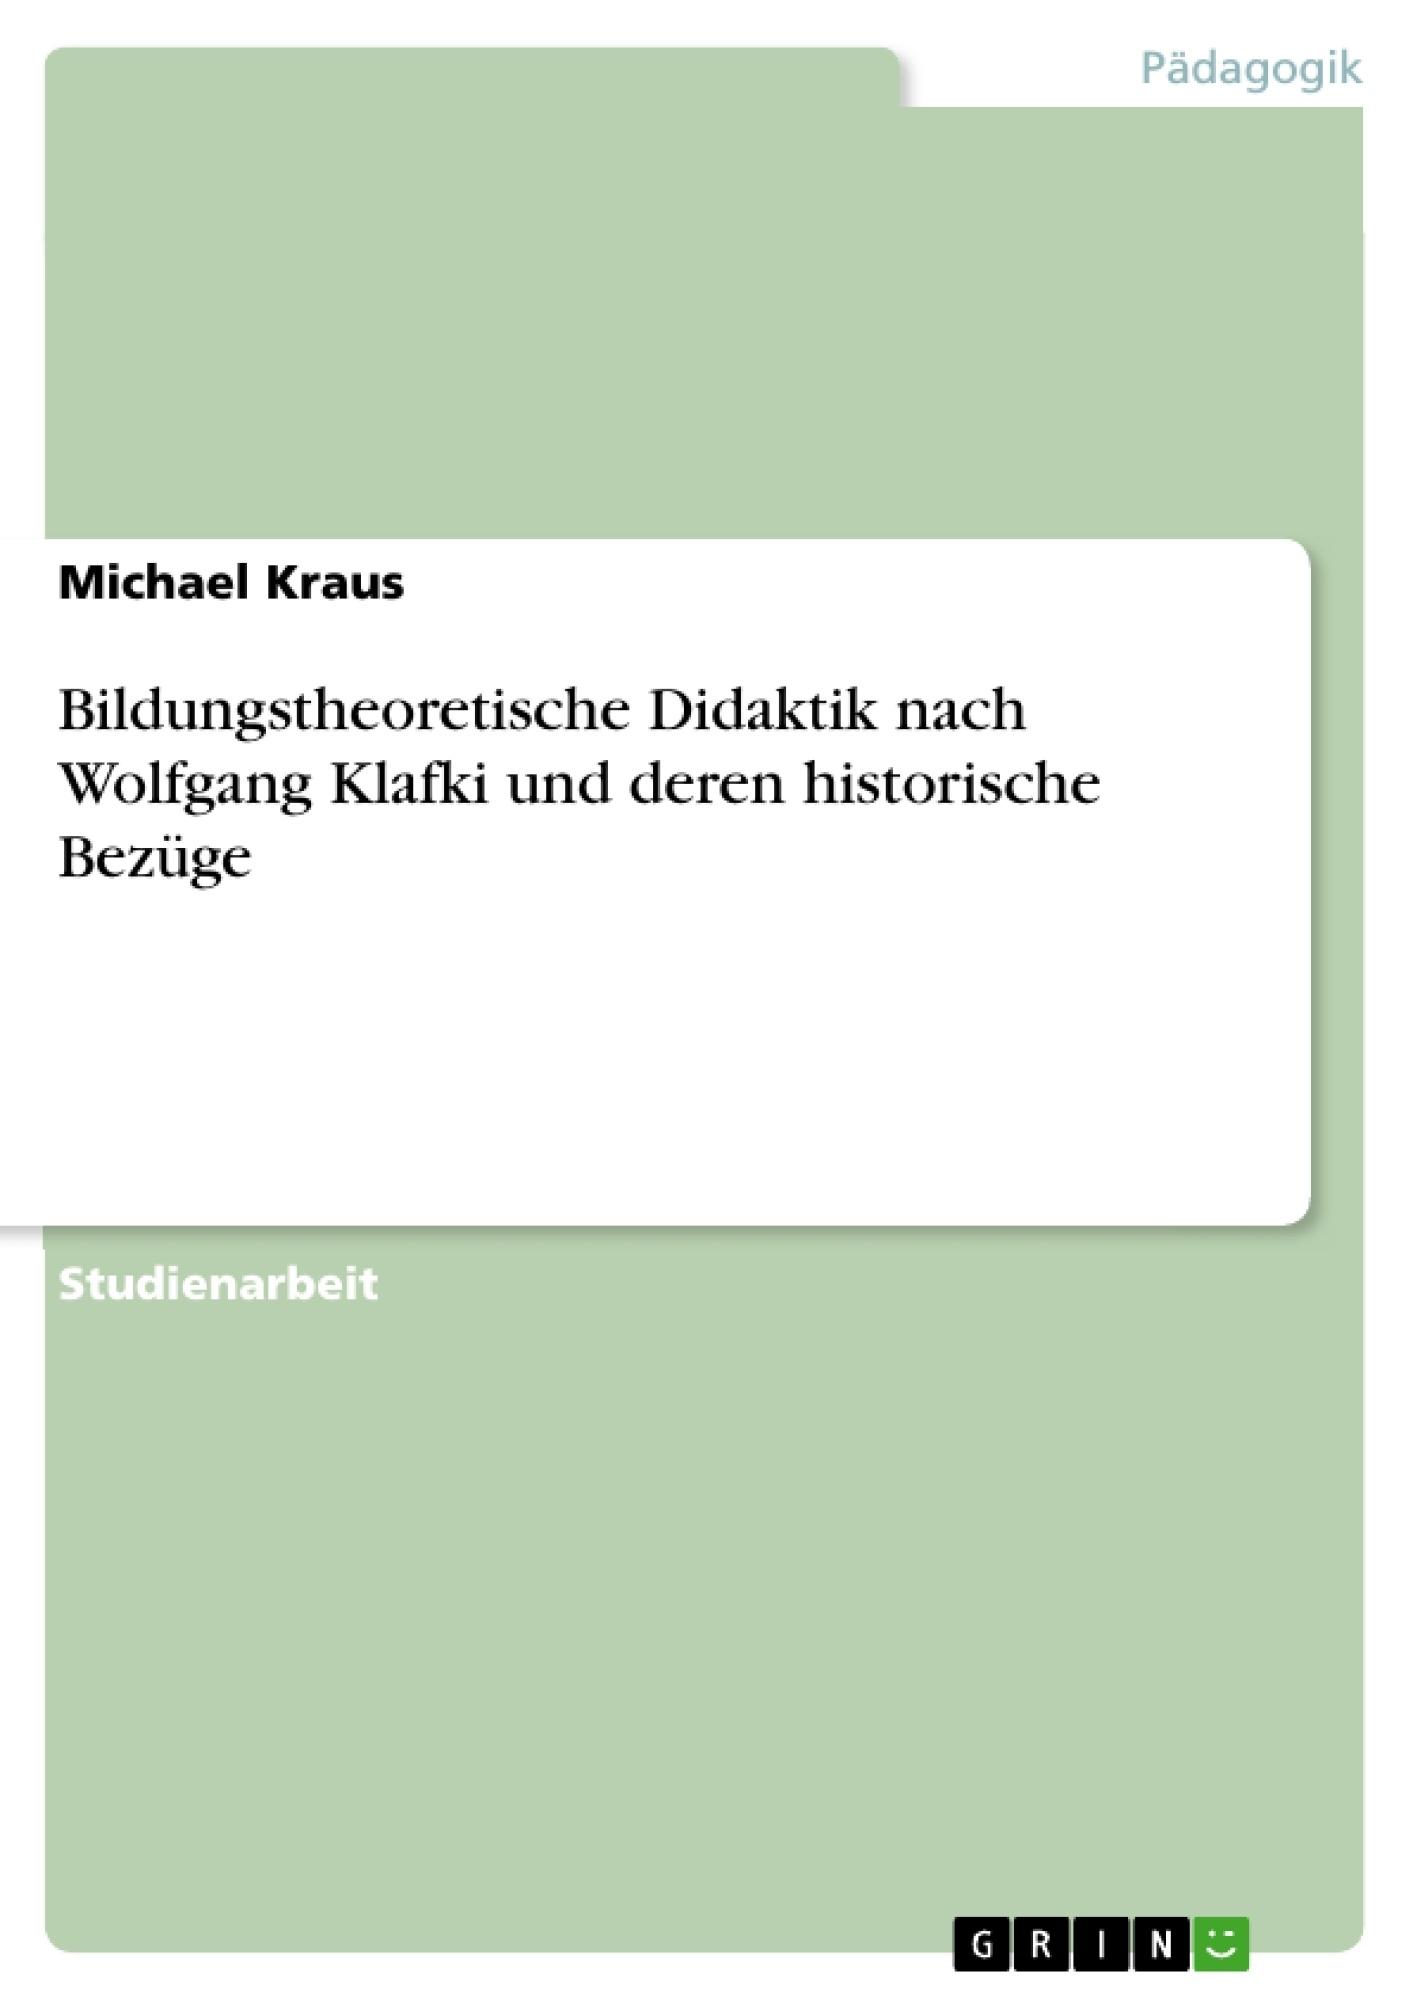 Titel: Bildungstheoretische Didaktik nach Wolfgang Klafki und deren historische Bezüge